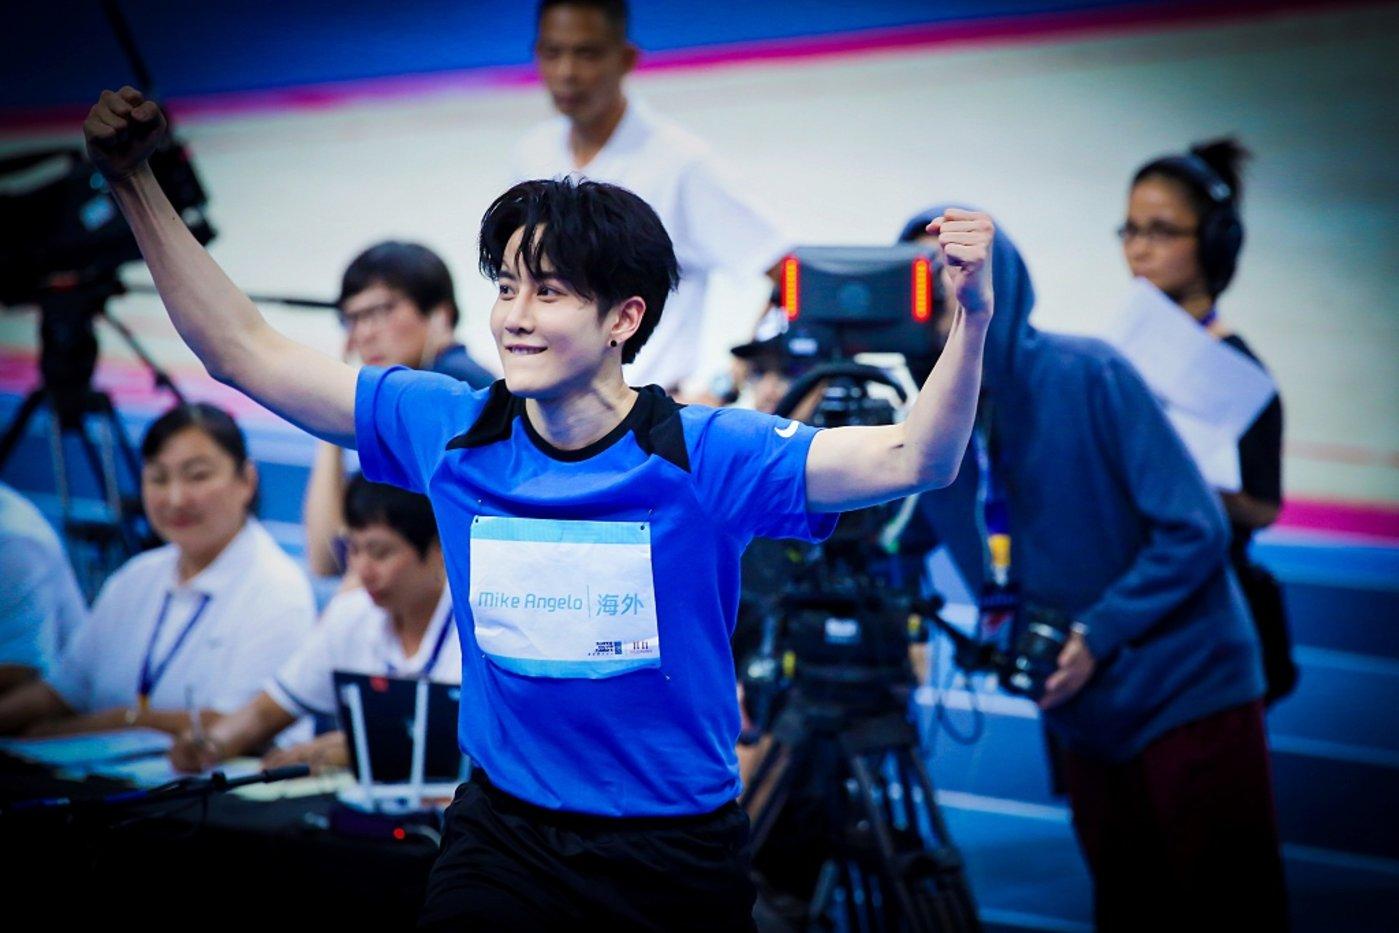 披拉·尼迪裴善官(Mike)参加综艺节目《超新星全运会》,图片来源@视觉中国